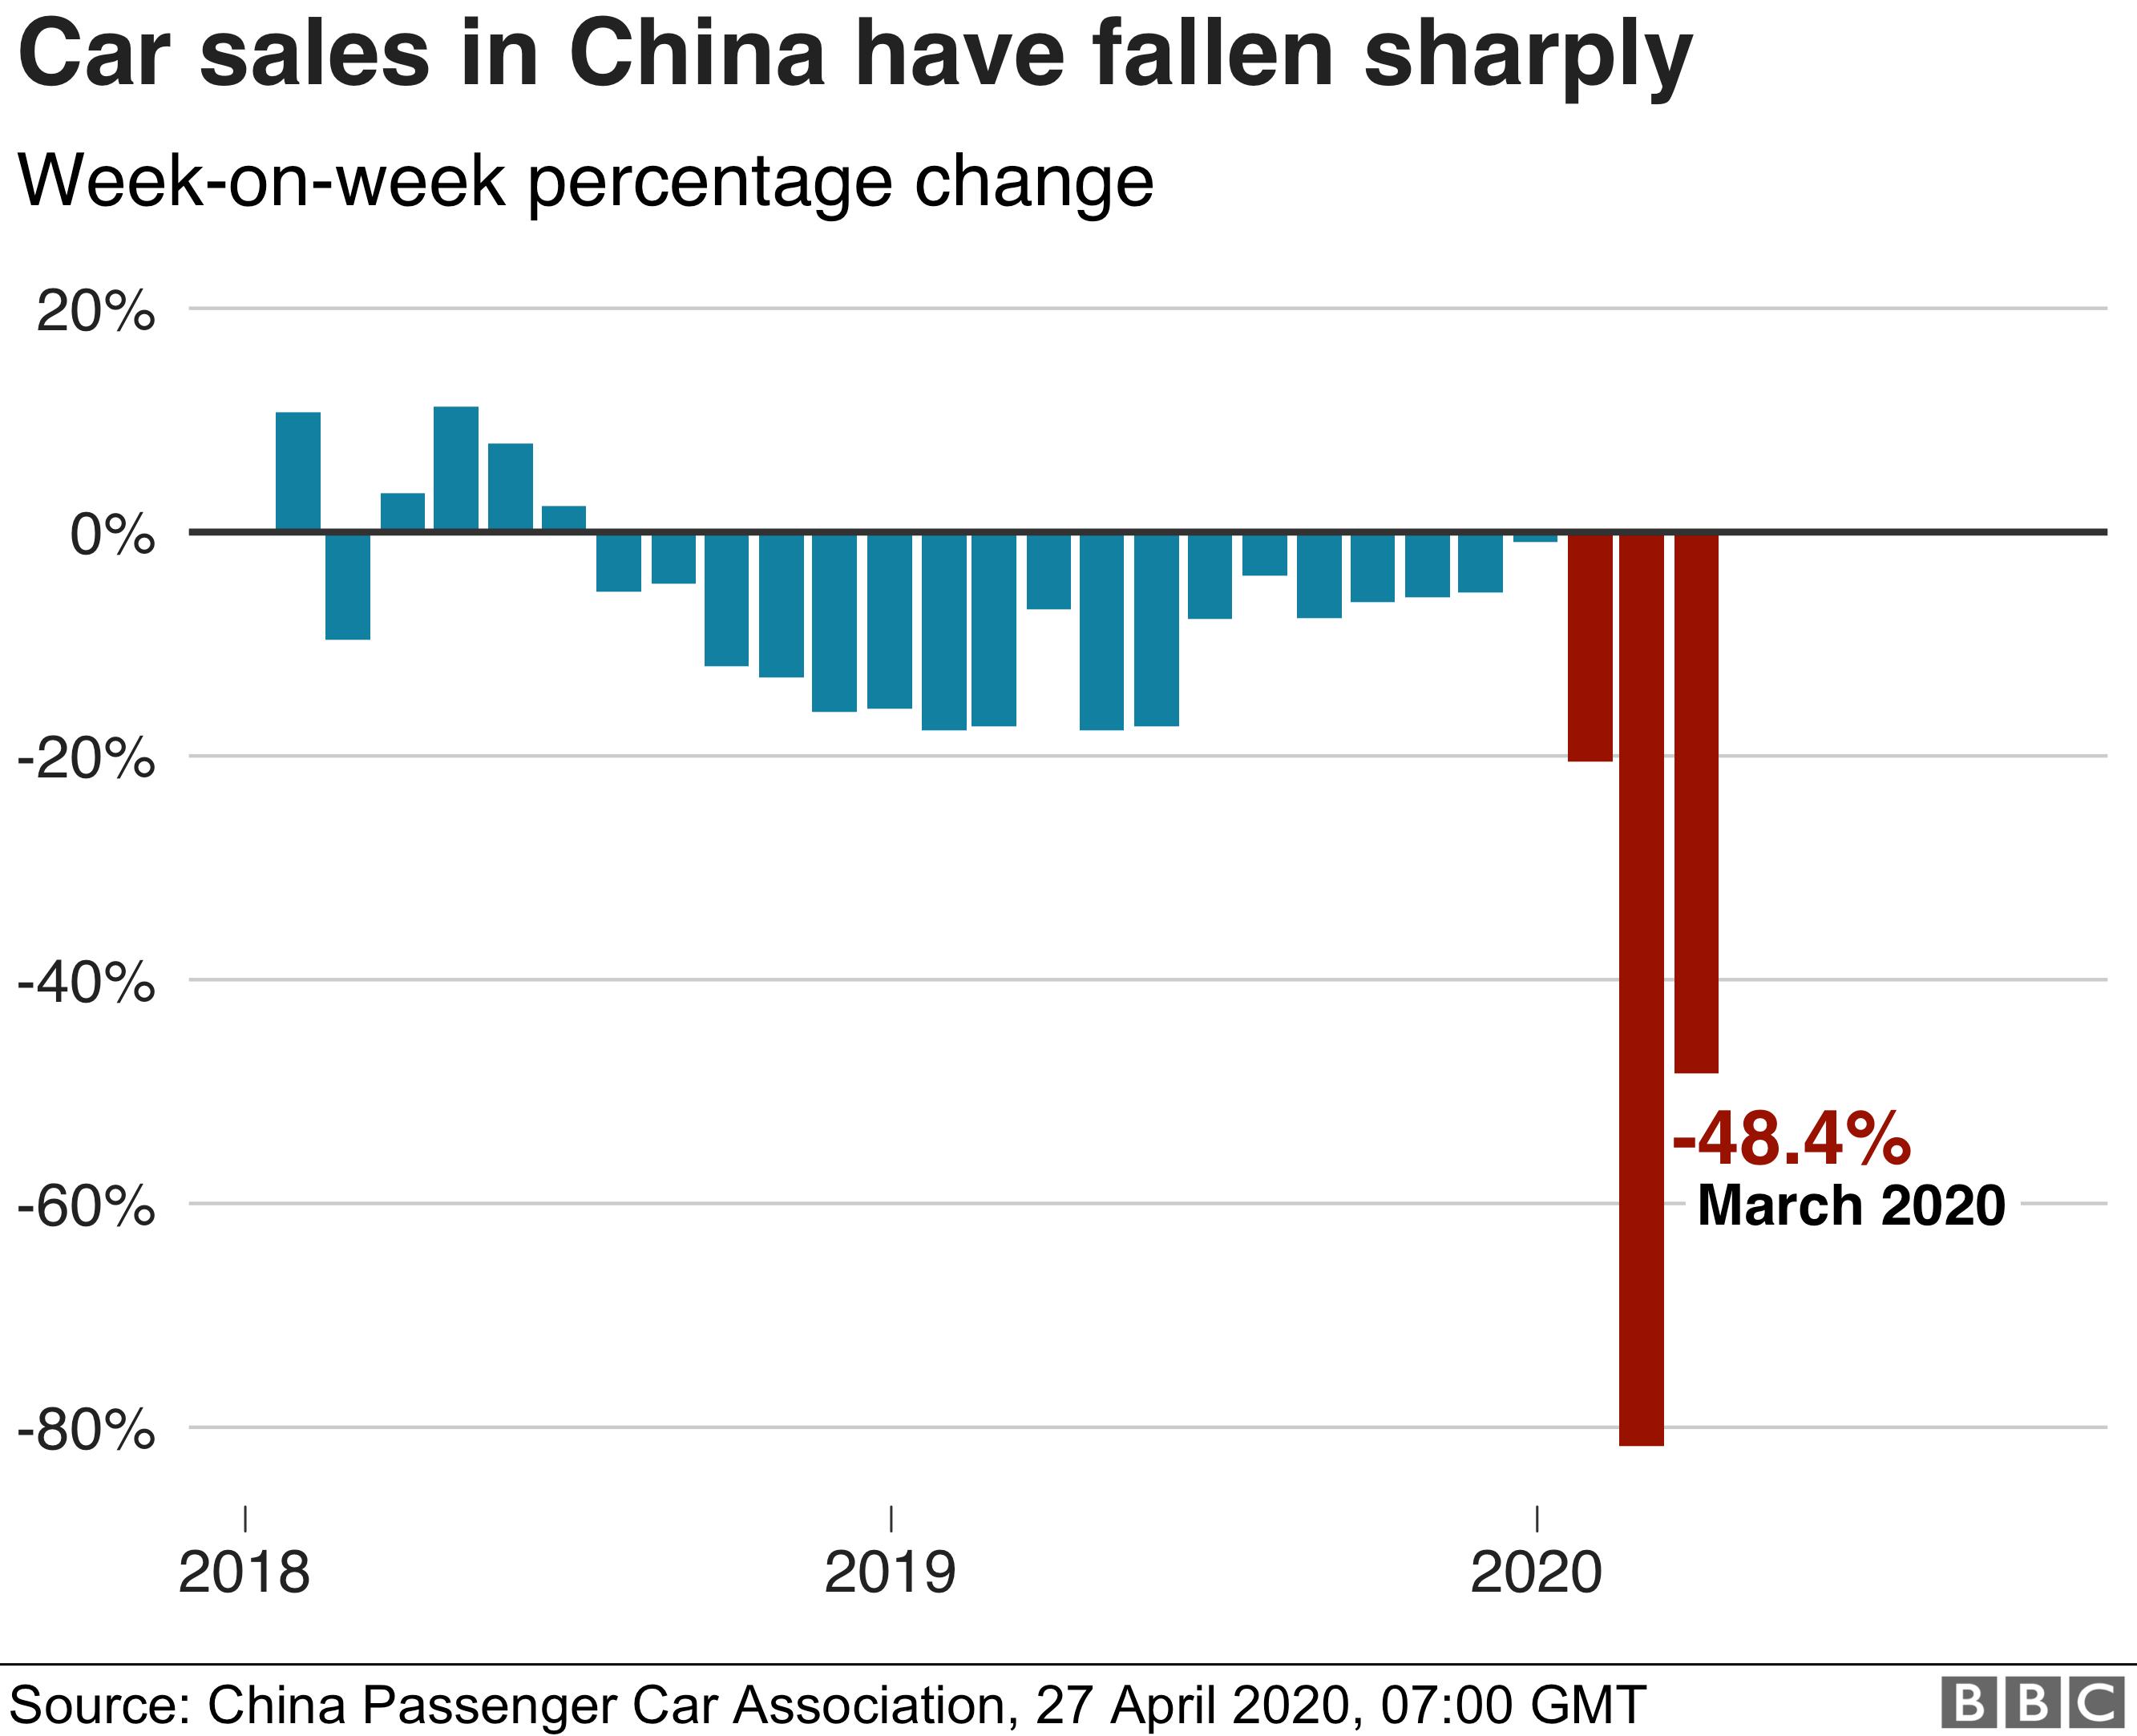 China car sales - 27/04